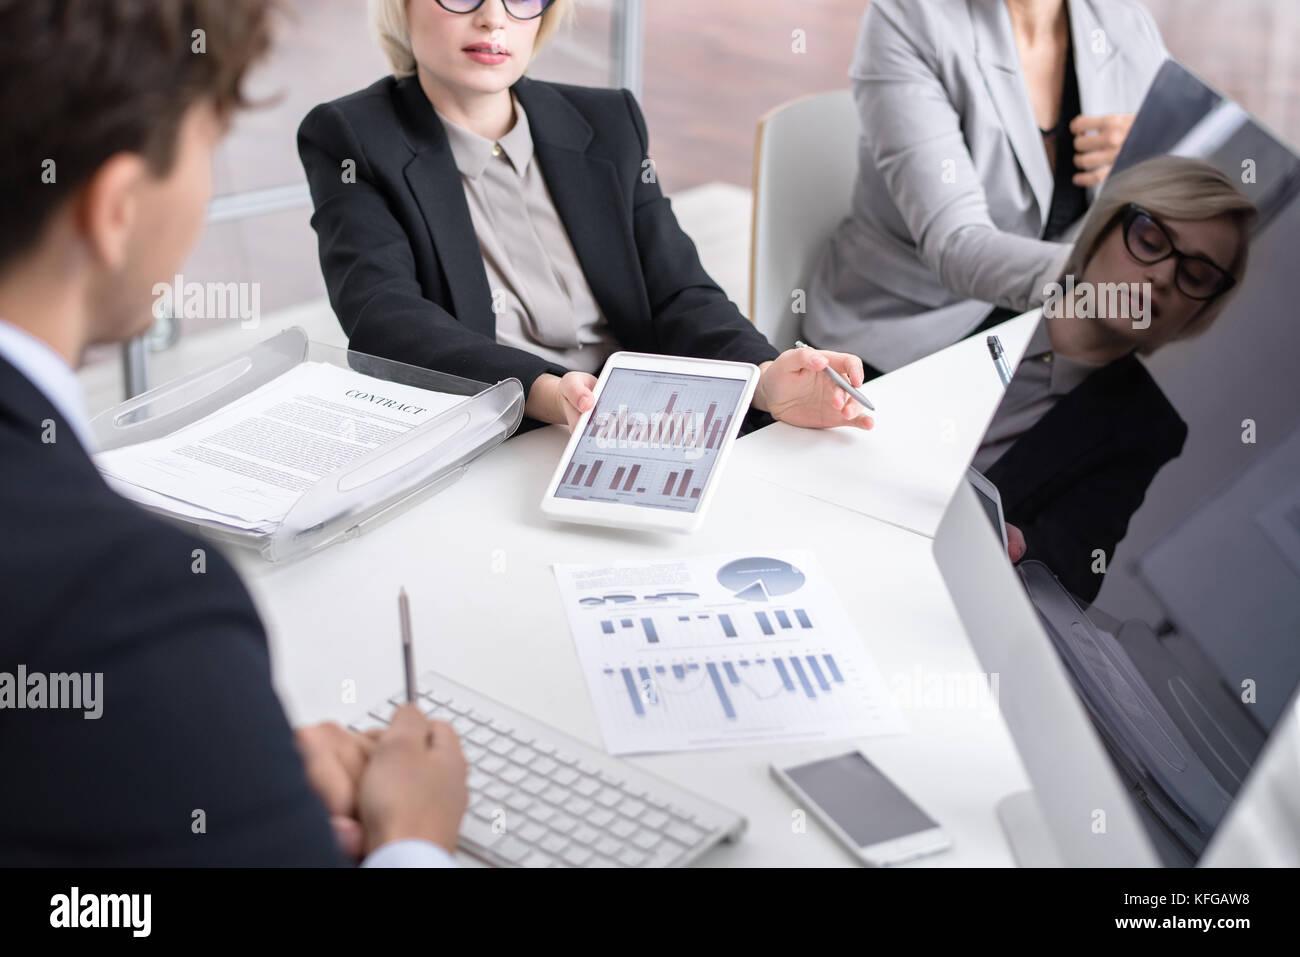 Riunione di analisti aziendali Immagini Stock